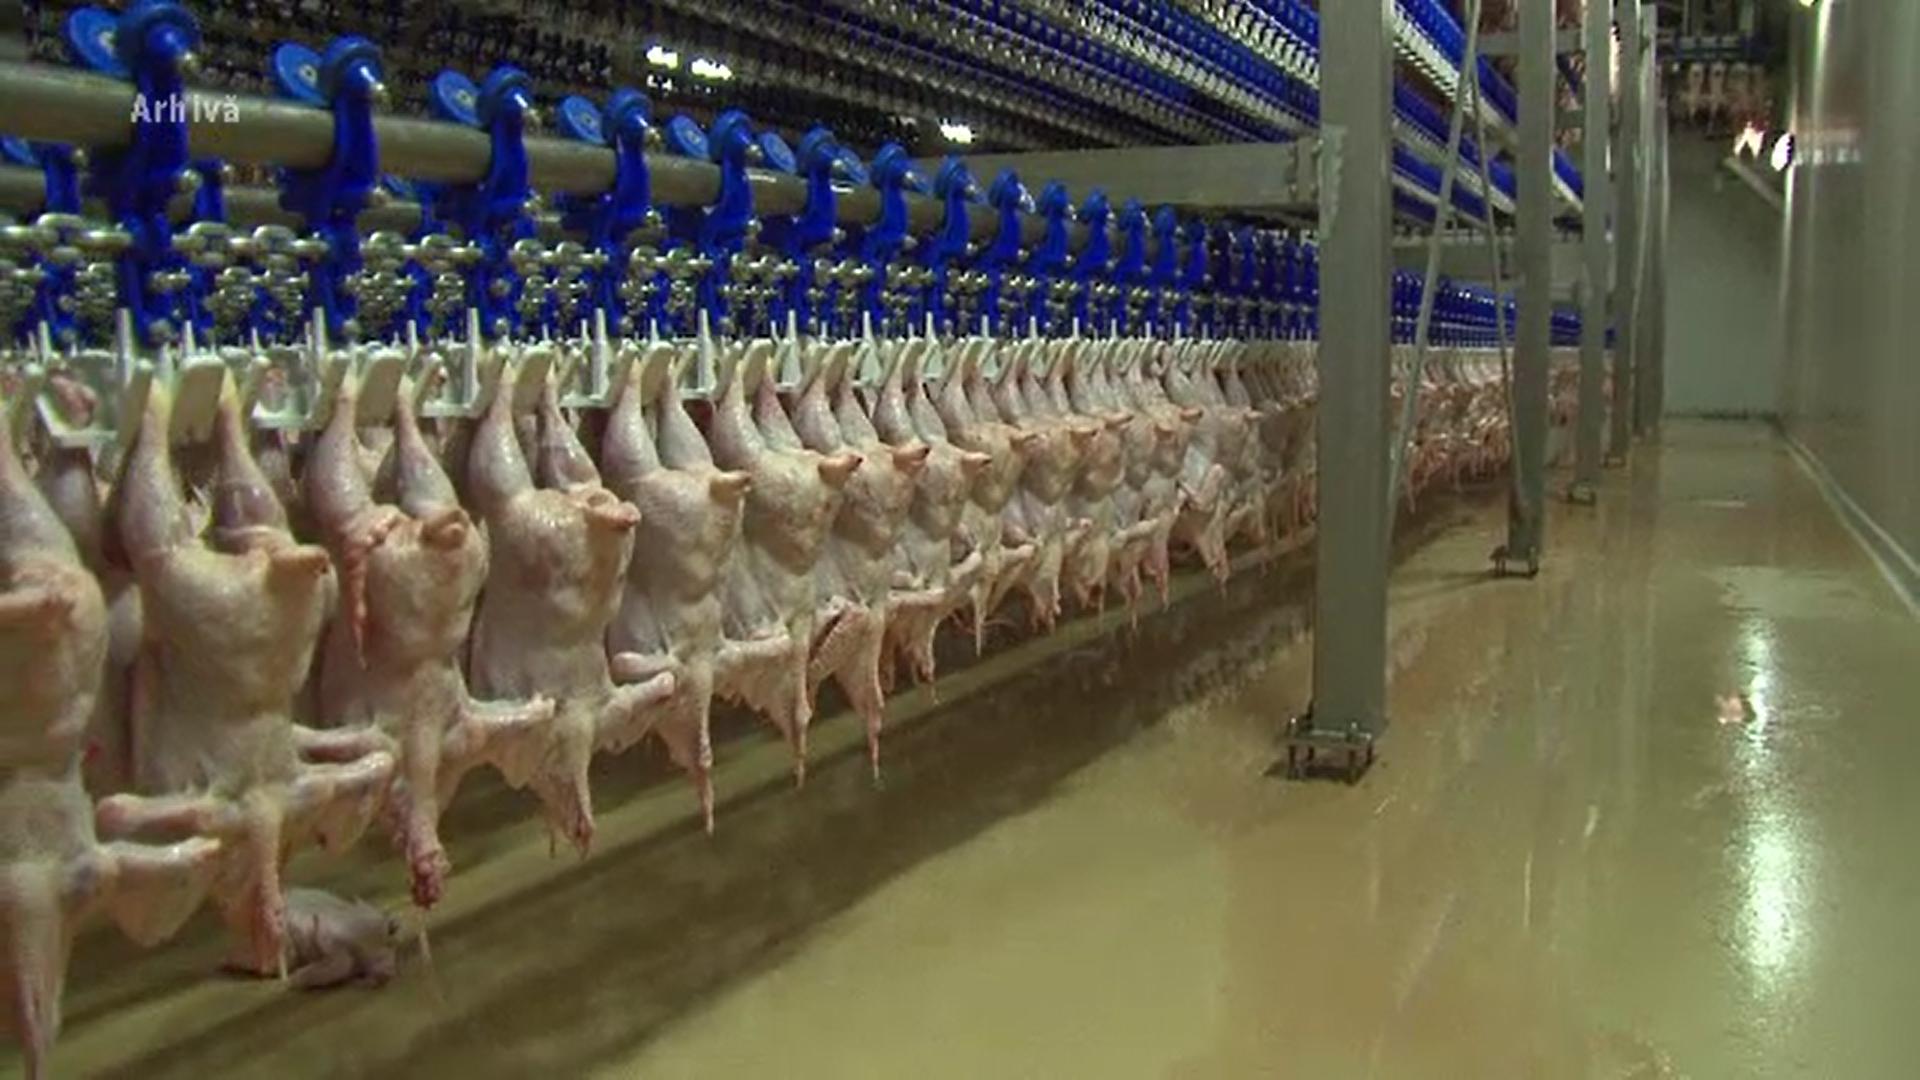 Zeci de tone de carne de pasăre din import, depistate cu salmonella de reprezentanții Autorității Sanitar Veterinare